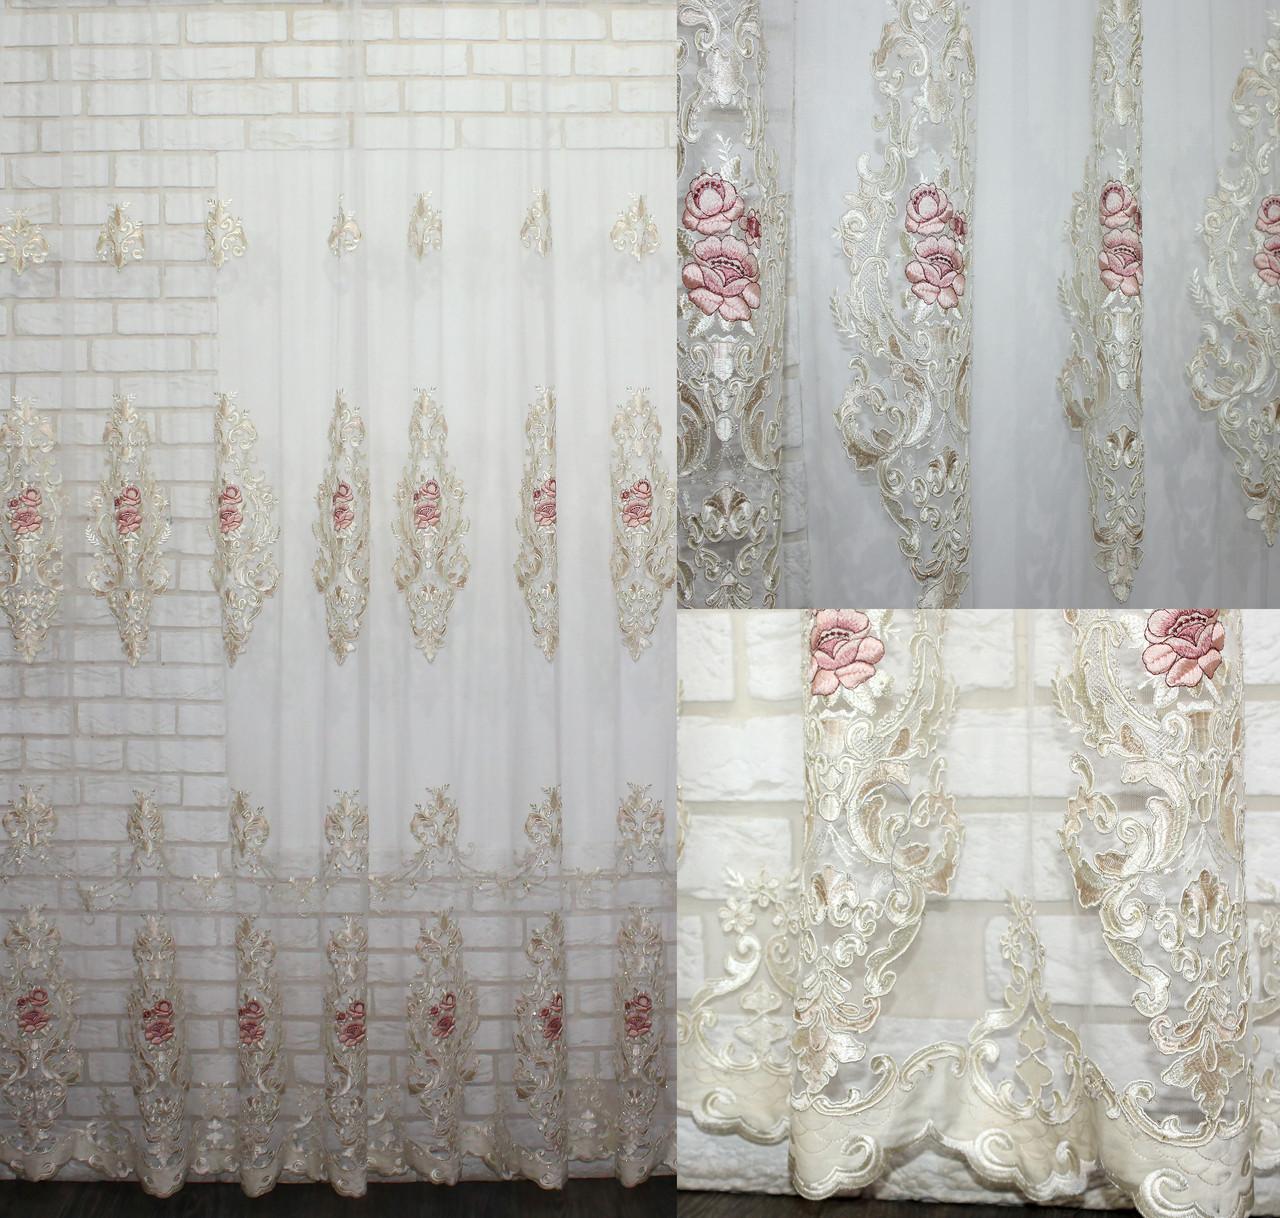 Тюль фатин бархат с вышивкой (Троянди), цвет шампань с розовым. Код 600т